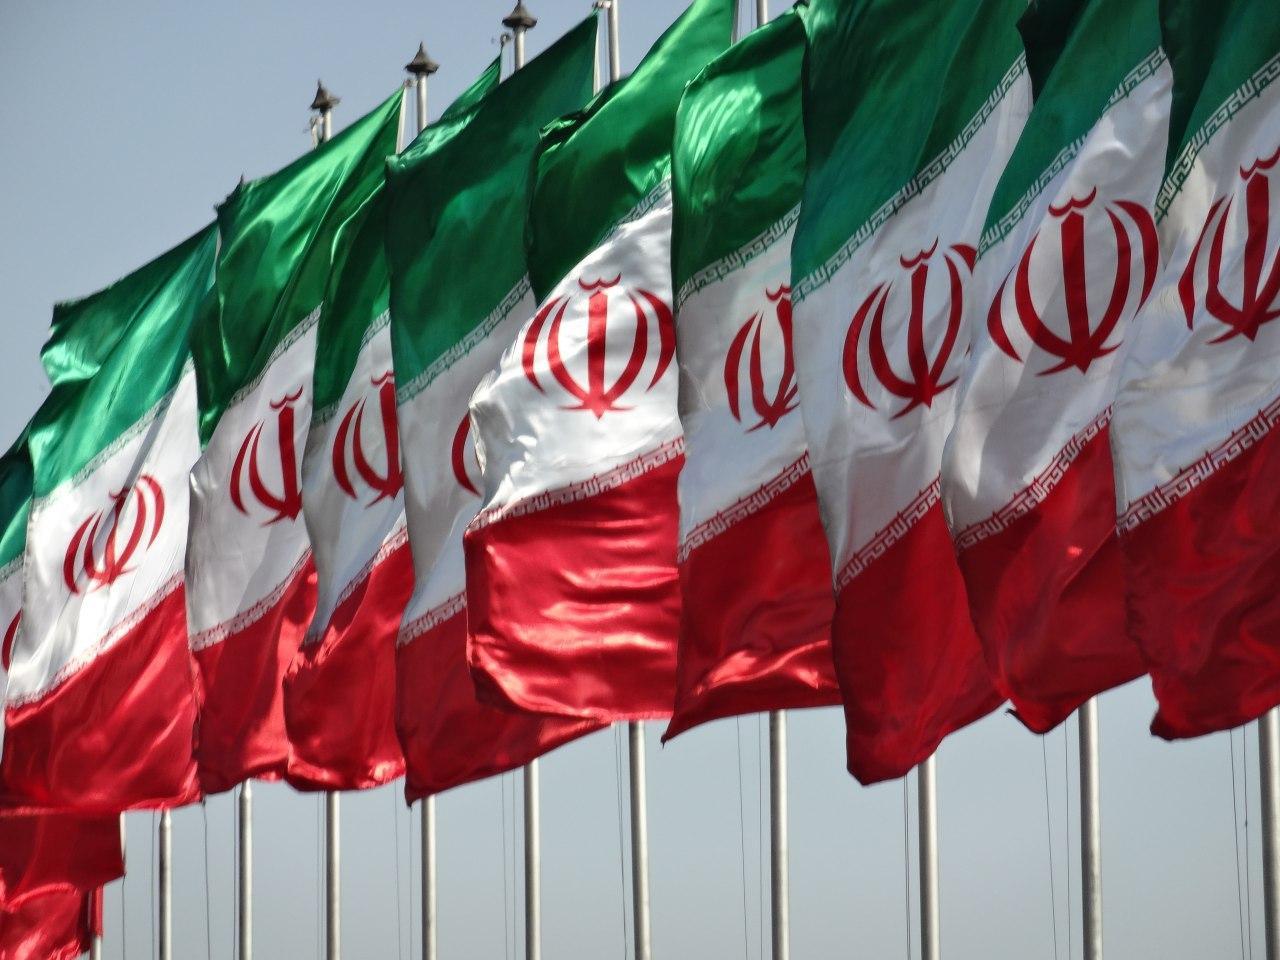 خرید پرچم ایران(تشریفات-رومیزی-اهتزاز)